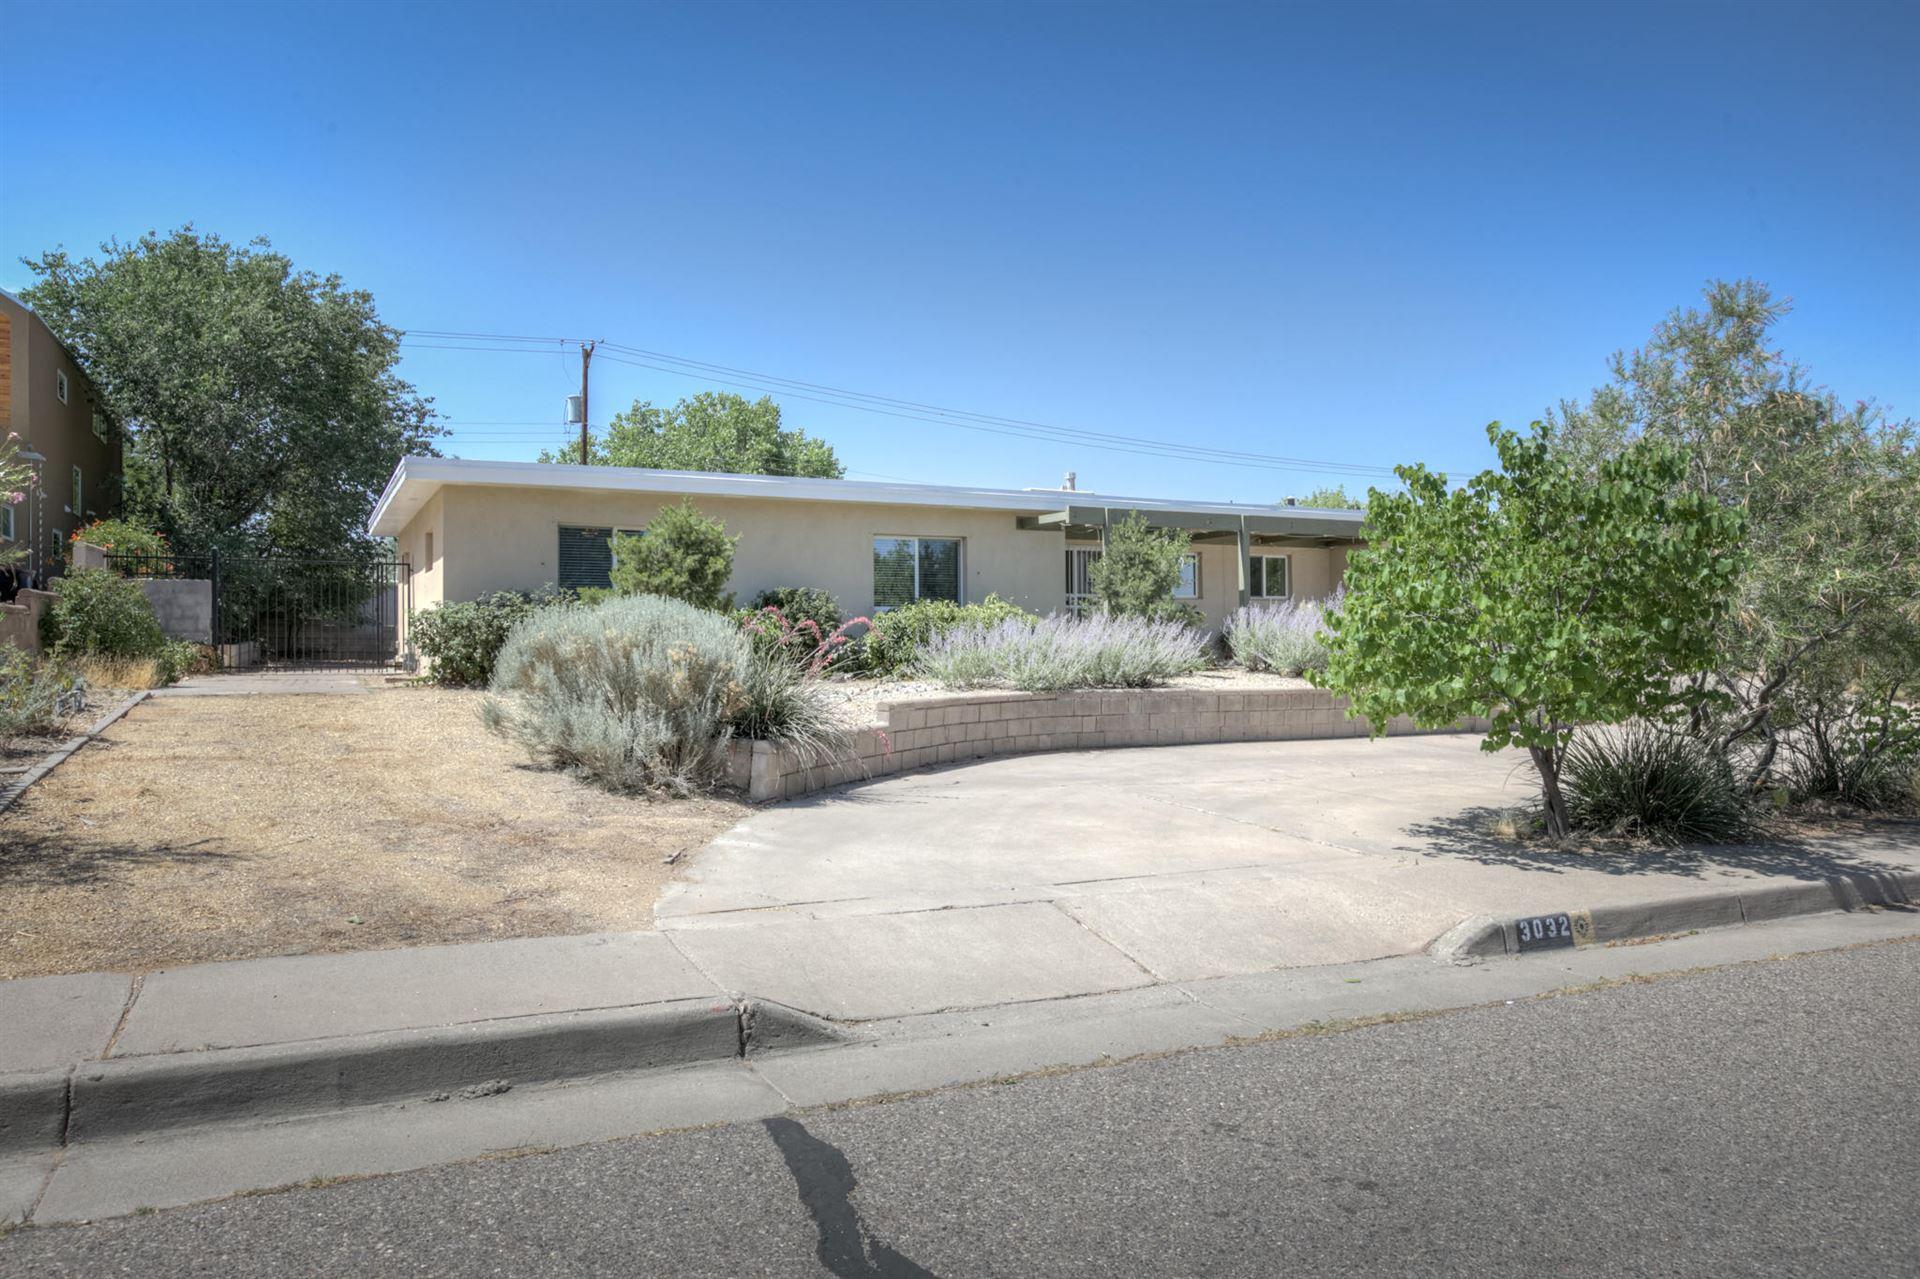 Photo of 3032 SAN JOAQUIN Avenue SE, Albuquerque, NM 87106 (MLS # 971009)